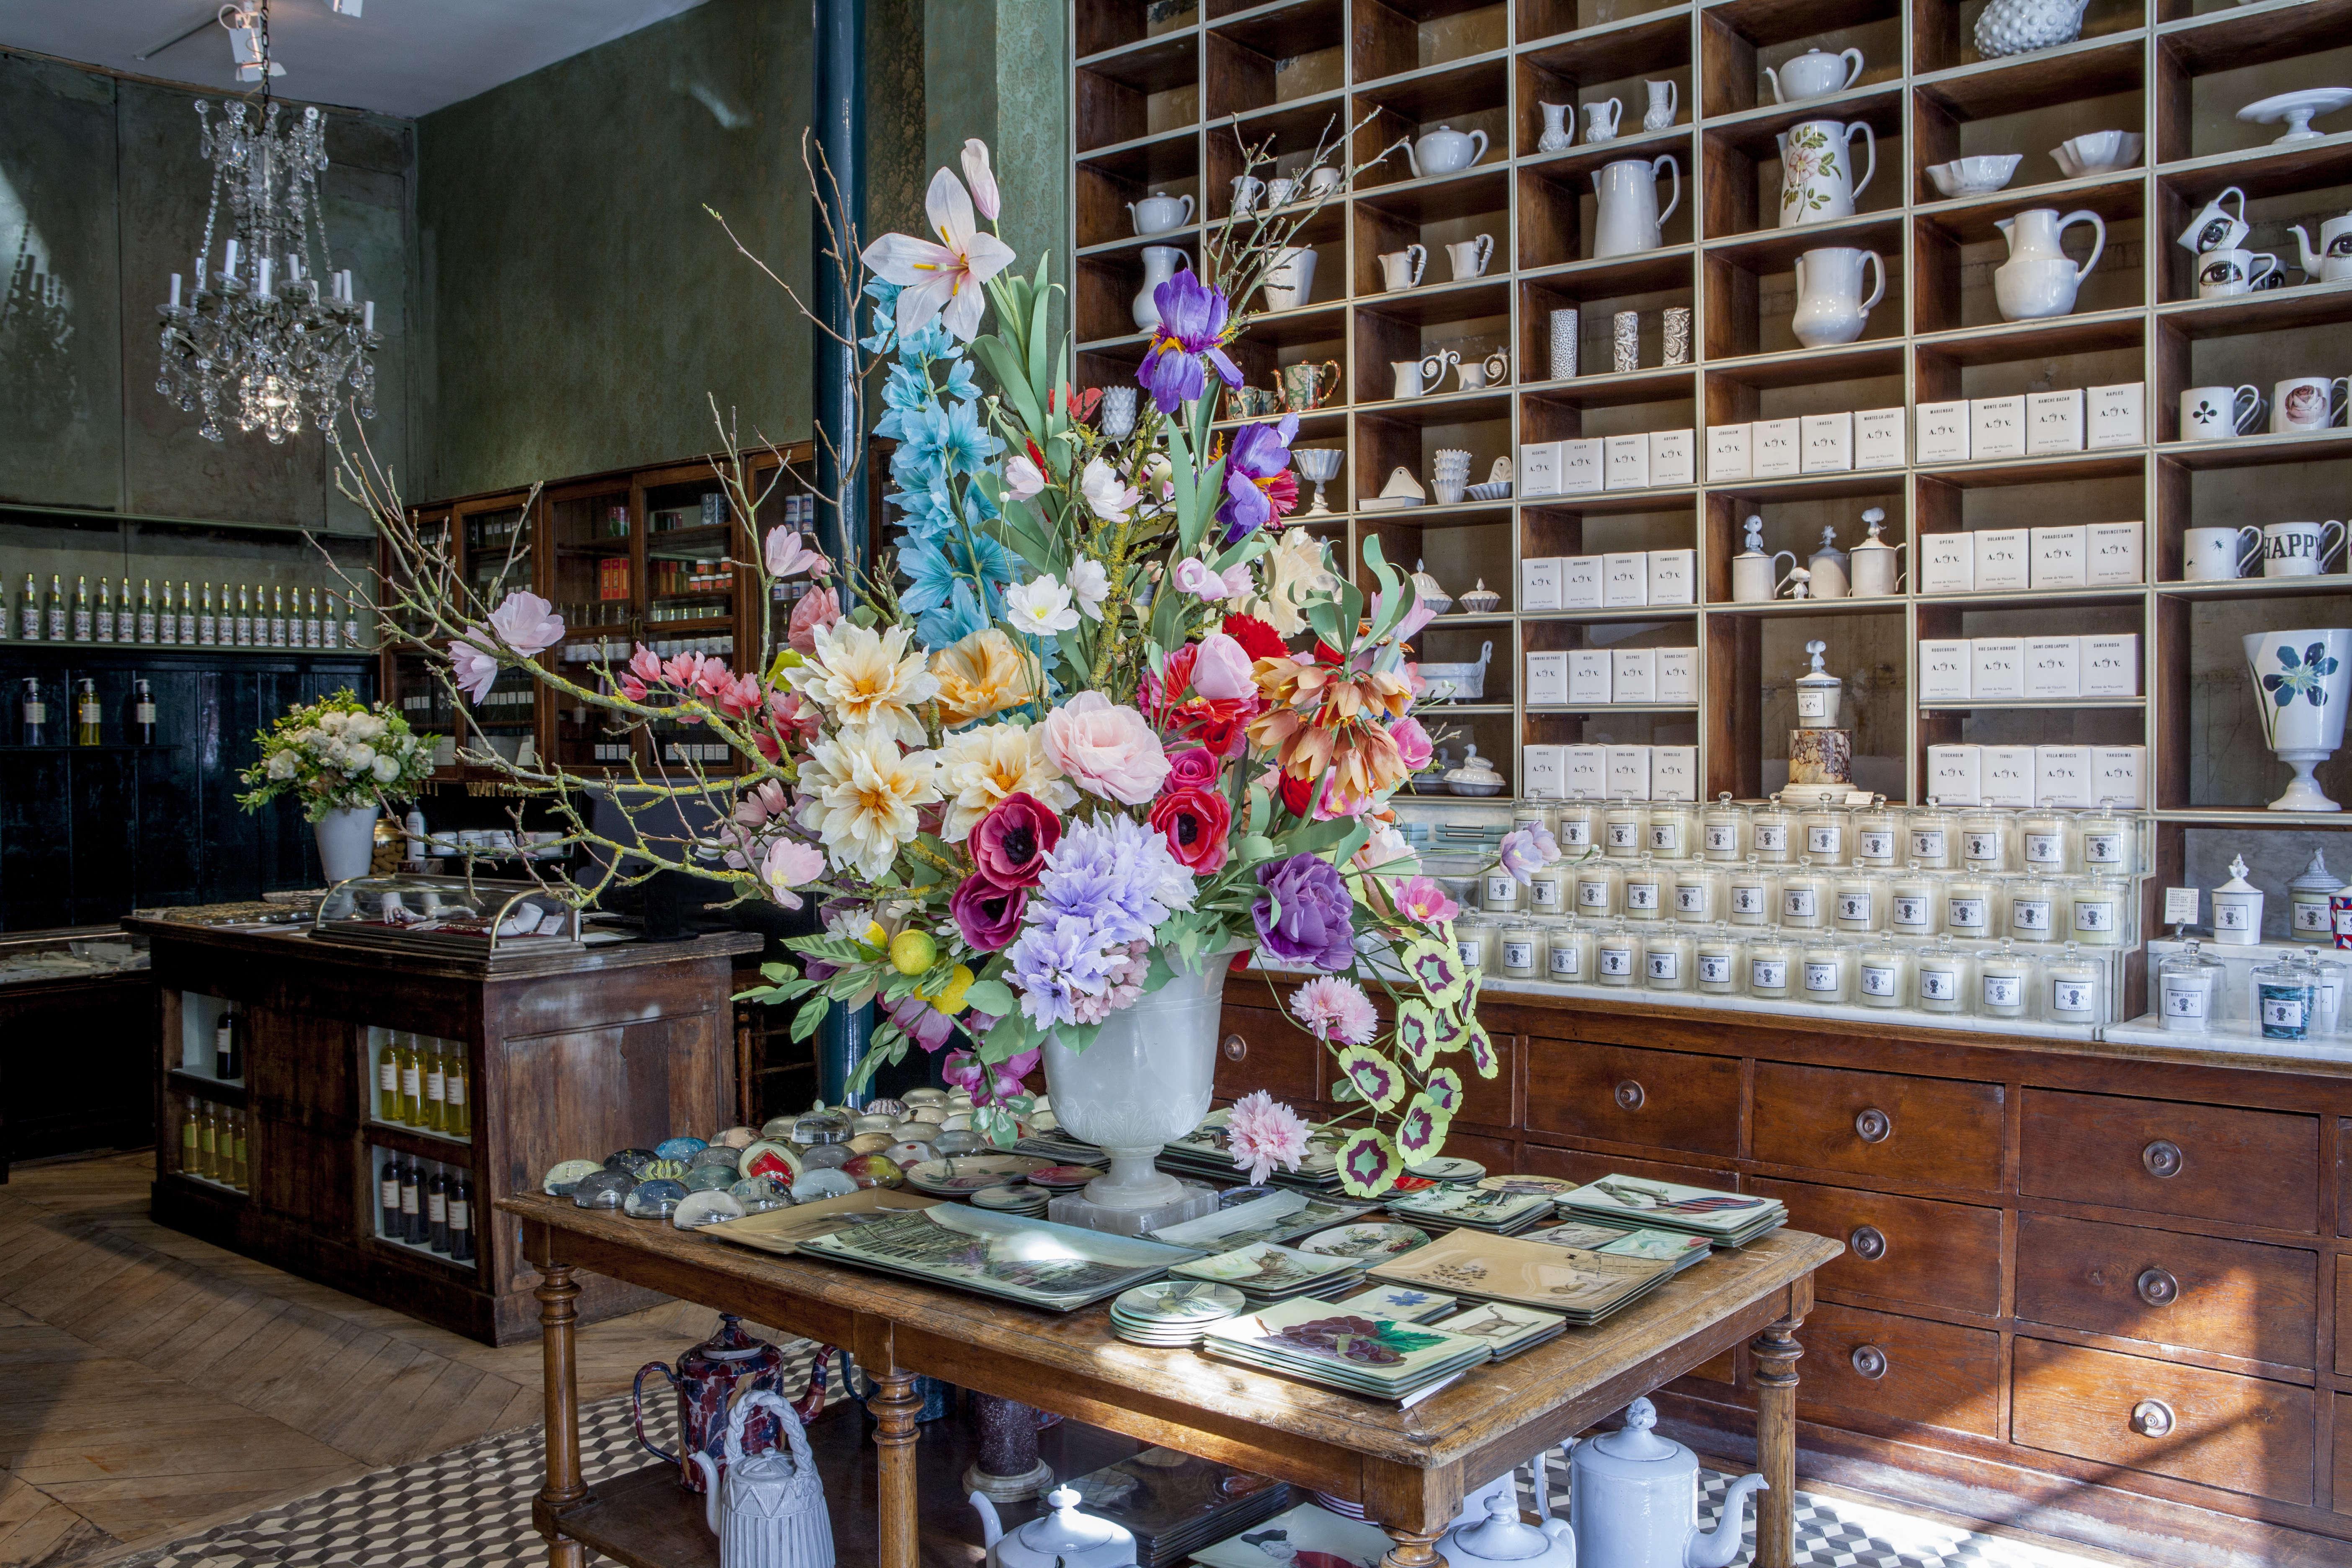 A paper bouquet by Livia Cetti, the Green Vase, at Astier de Villatte's new 6 Rue de Tournon in Paris | Remodelista